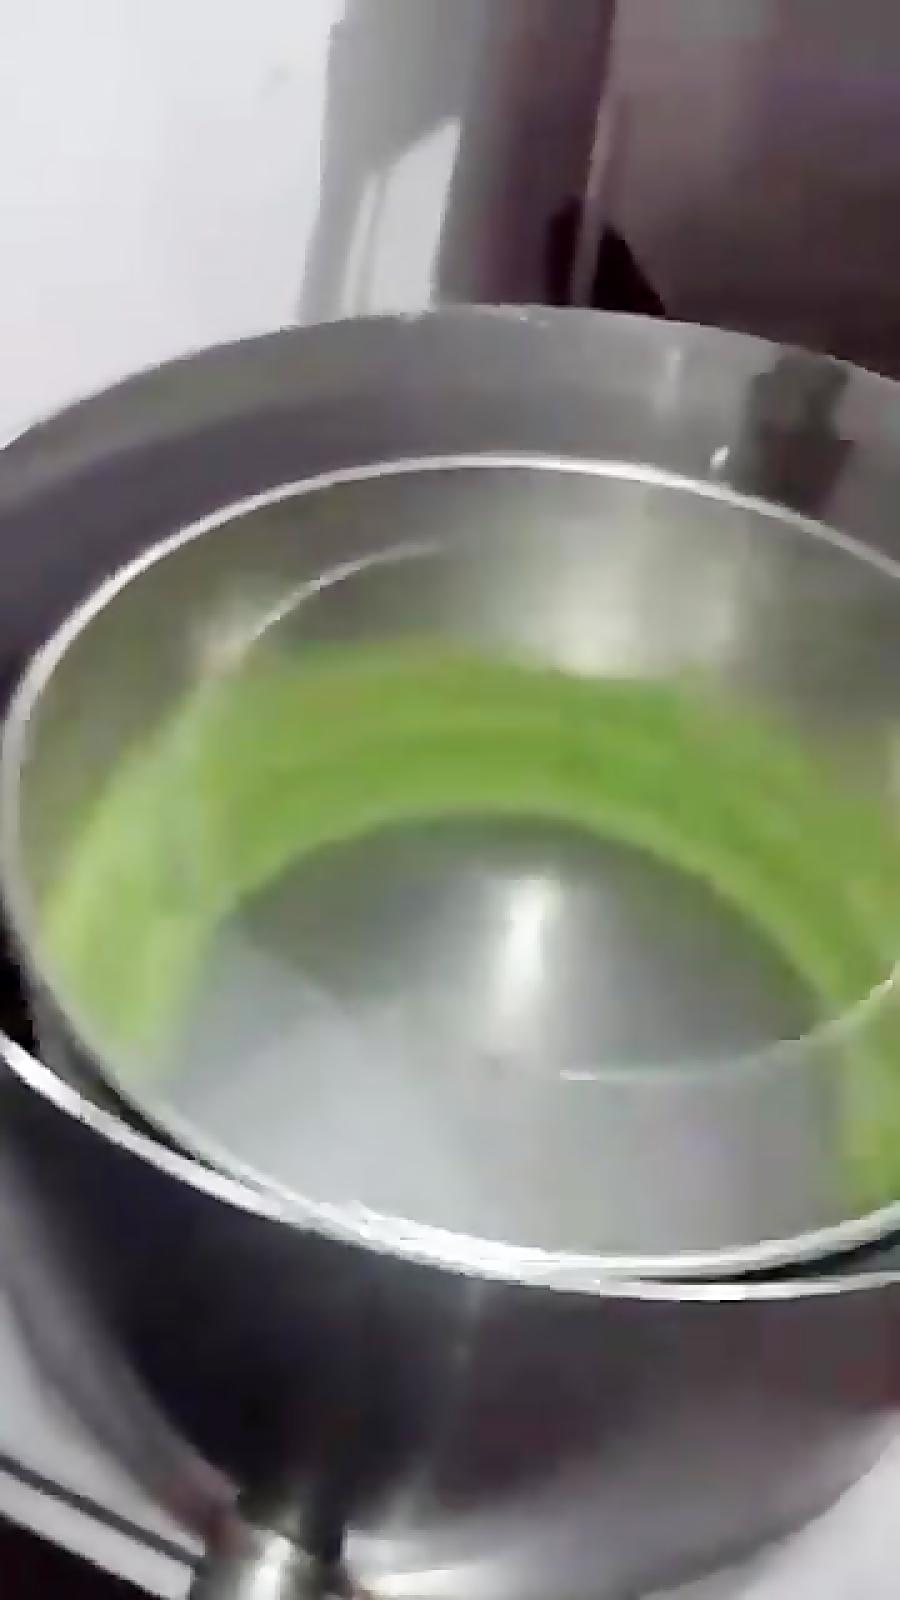 دستگاه سانتی فیوژ (خشک کن)قابل استفاده در تمام صنایع